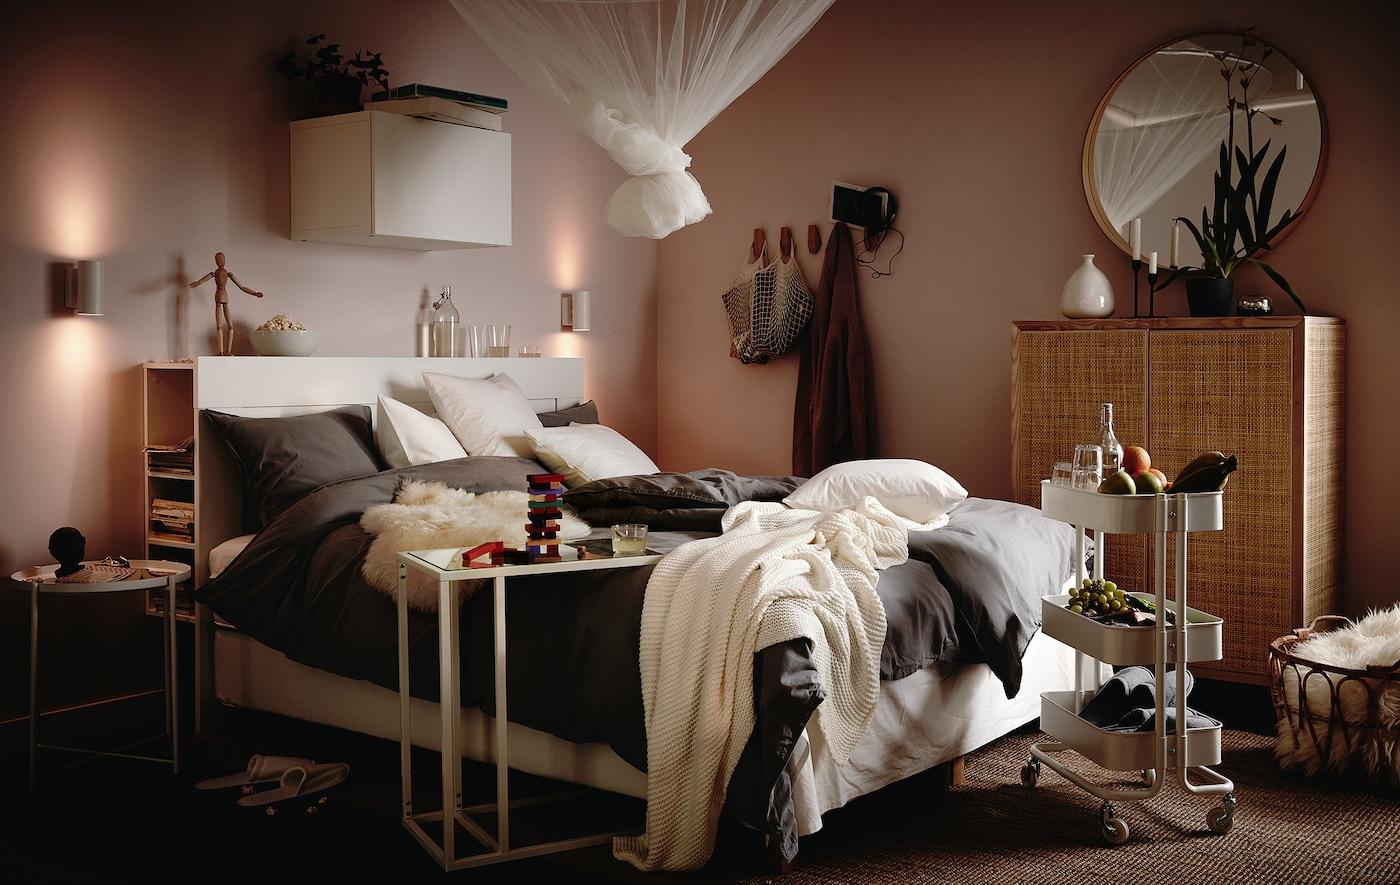 푹신한 침구와 쿠션, 스로우, 천장에 매단 캐노피로 침대를 꾸미고, 카트에 간식과 음료를 담아 그 옆에 두었어요.